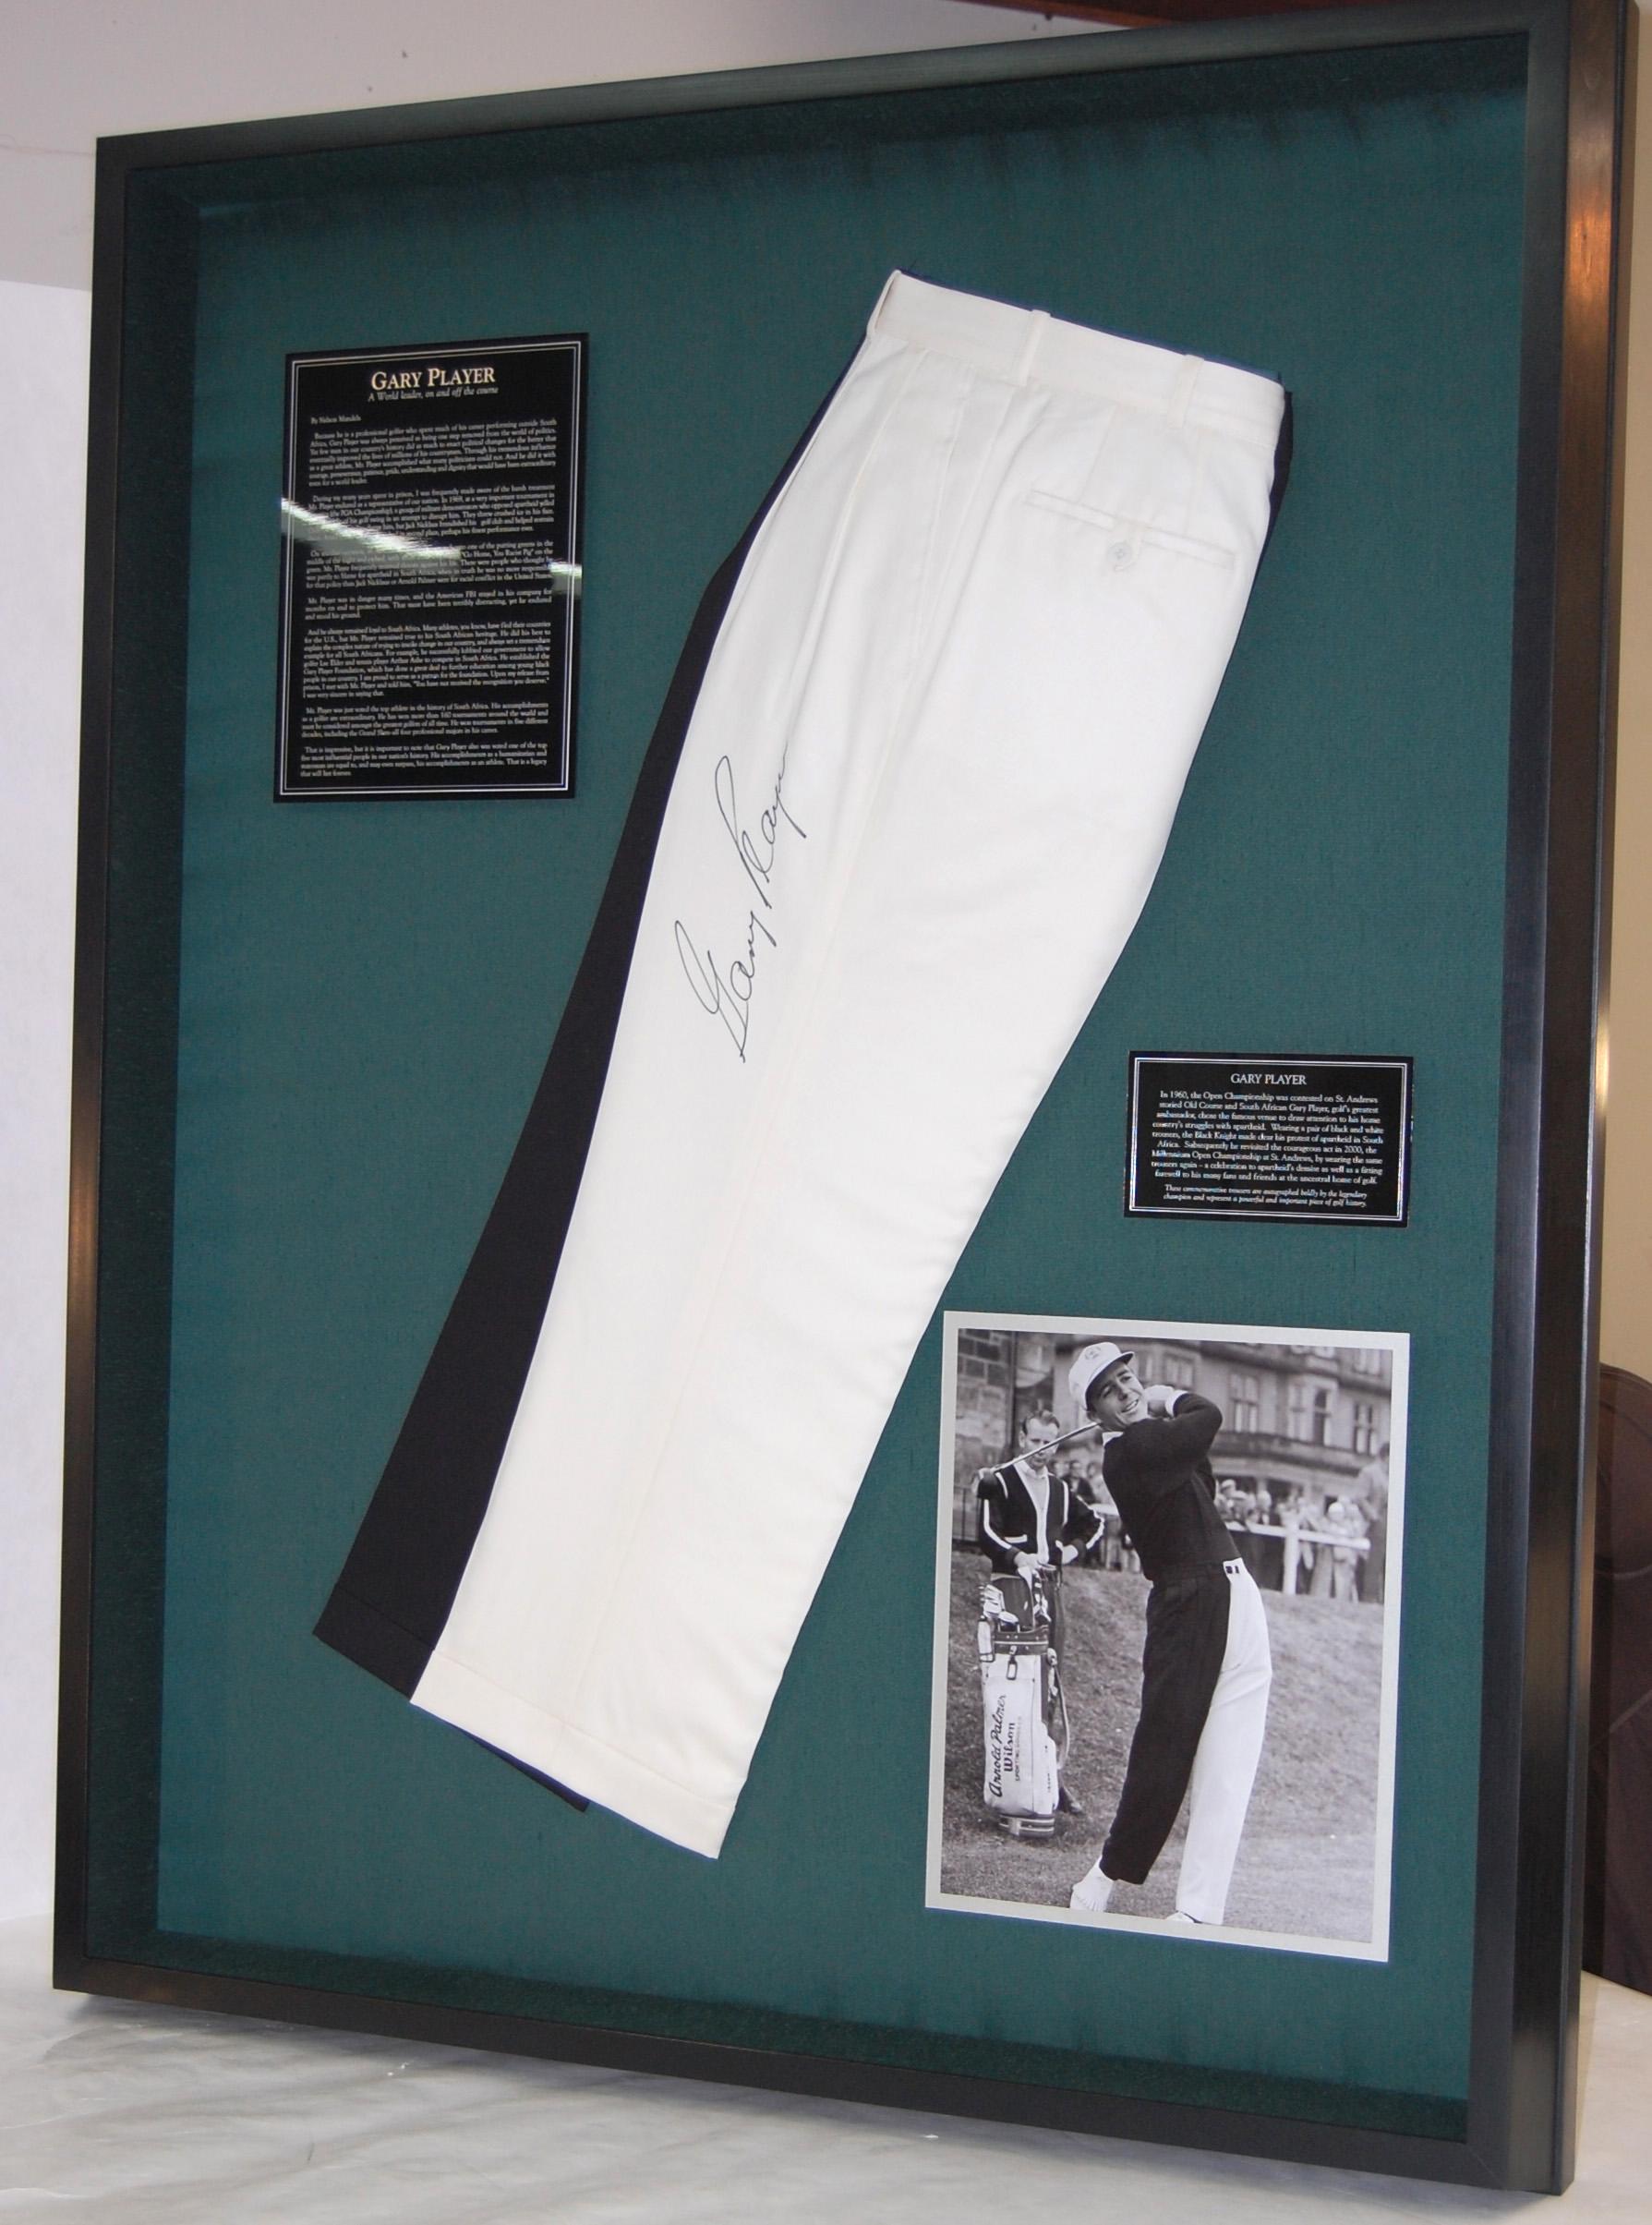 Display for Gary Player pants